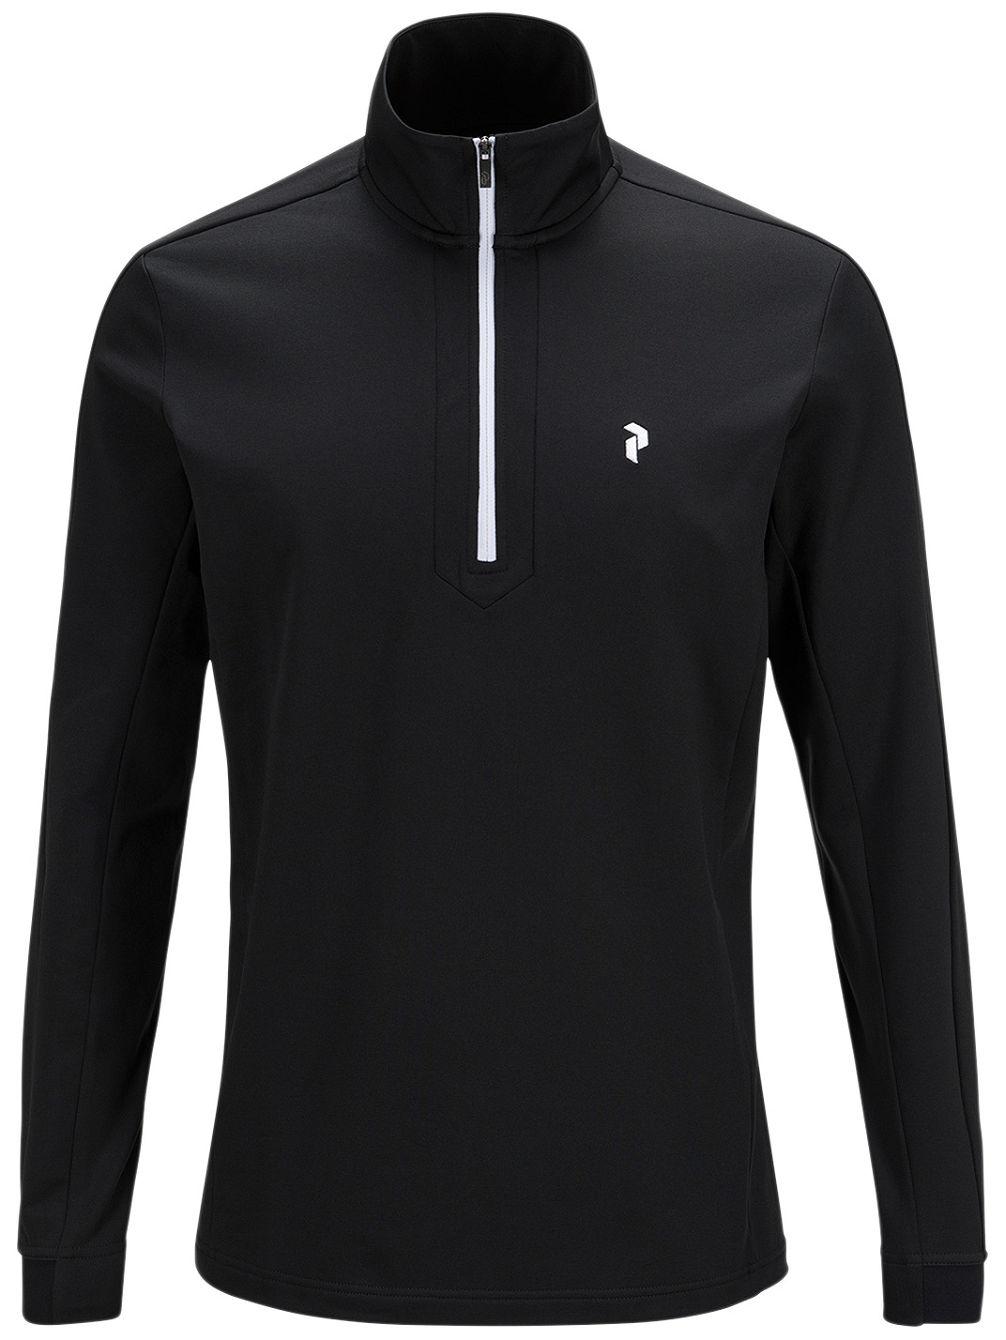 peak-performance-golf-ace-half-zip-fleece-pullover